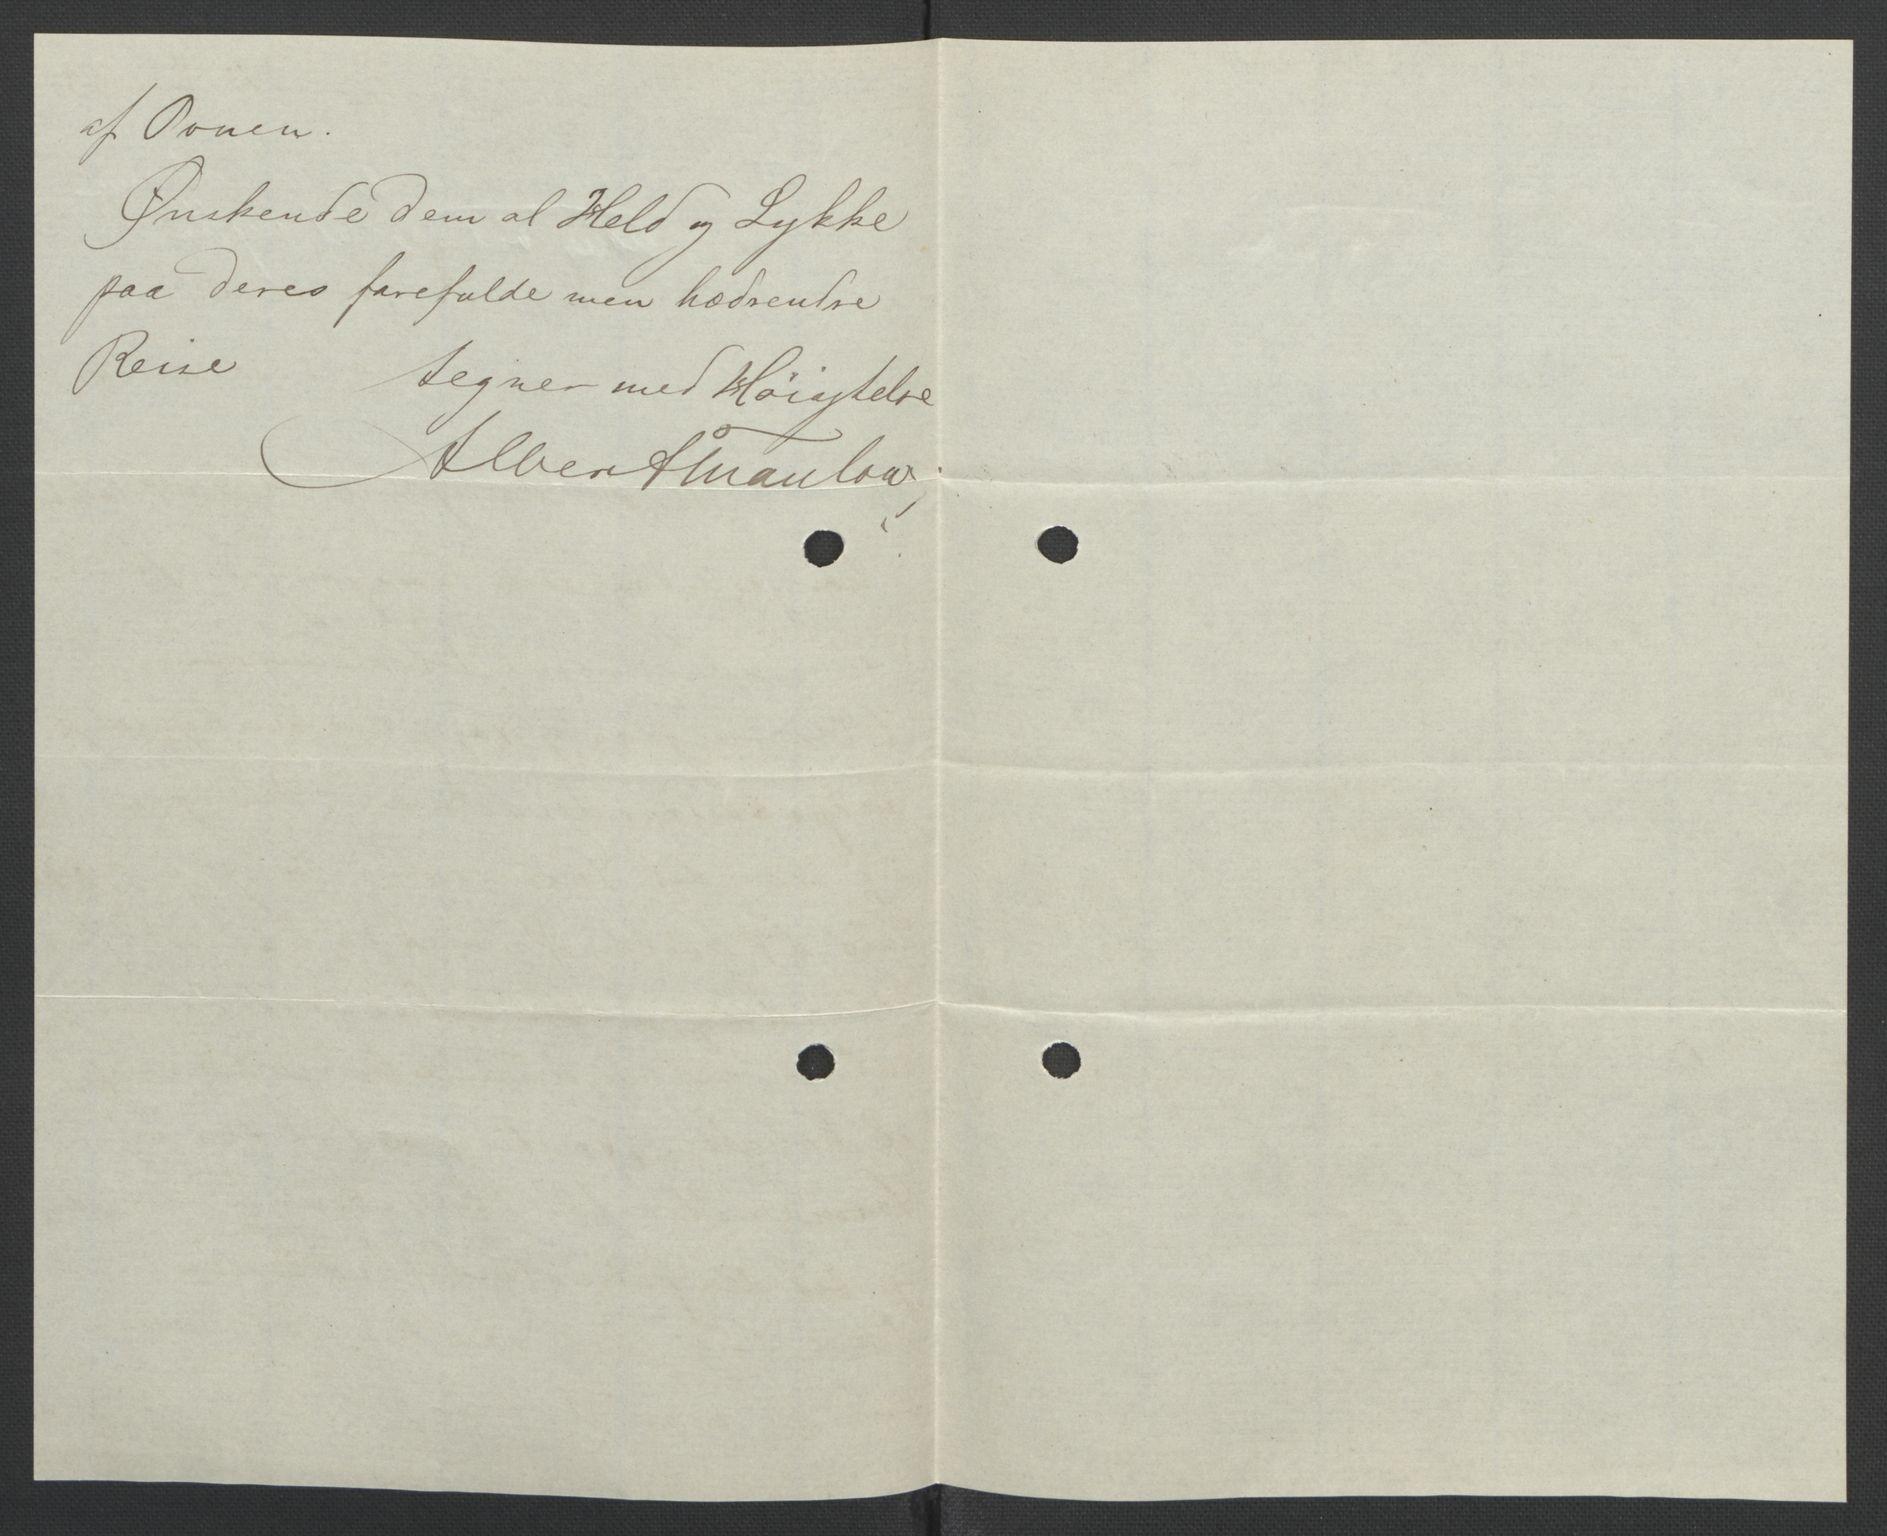 RA, Arbeidskomitéen for Fridtjof Nansens polarekspedisjon, D/L0003: Innk. brev og telegrammer vedr. proviant og utrustning, 1893, s. 369